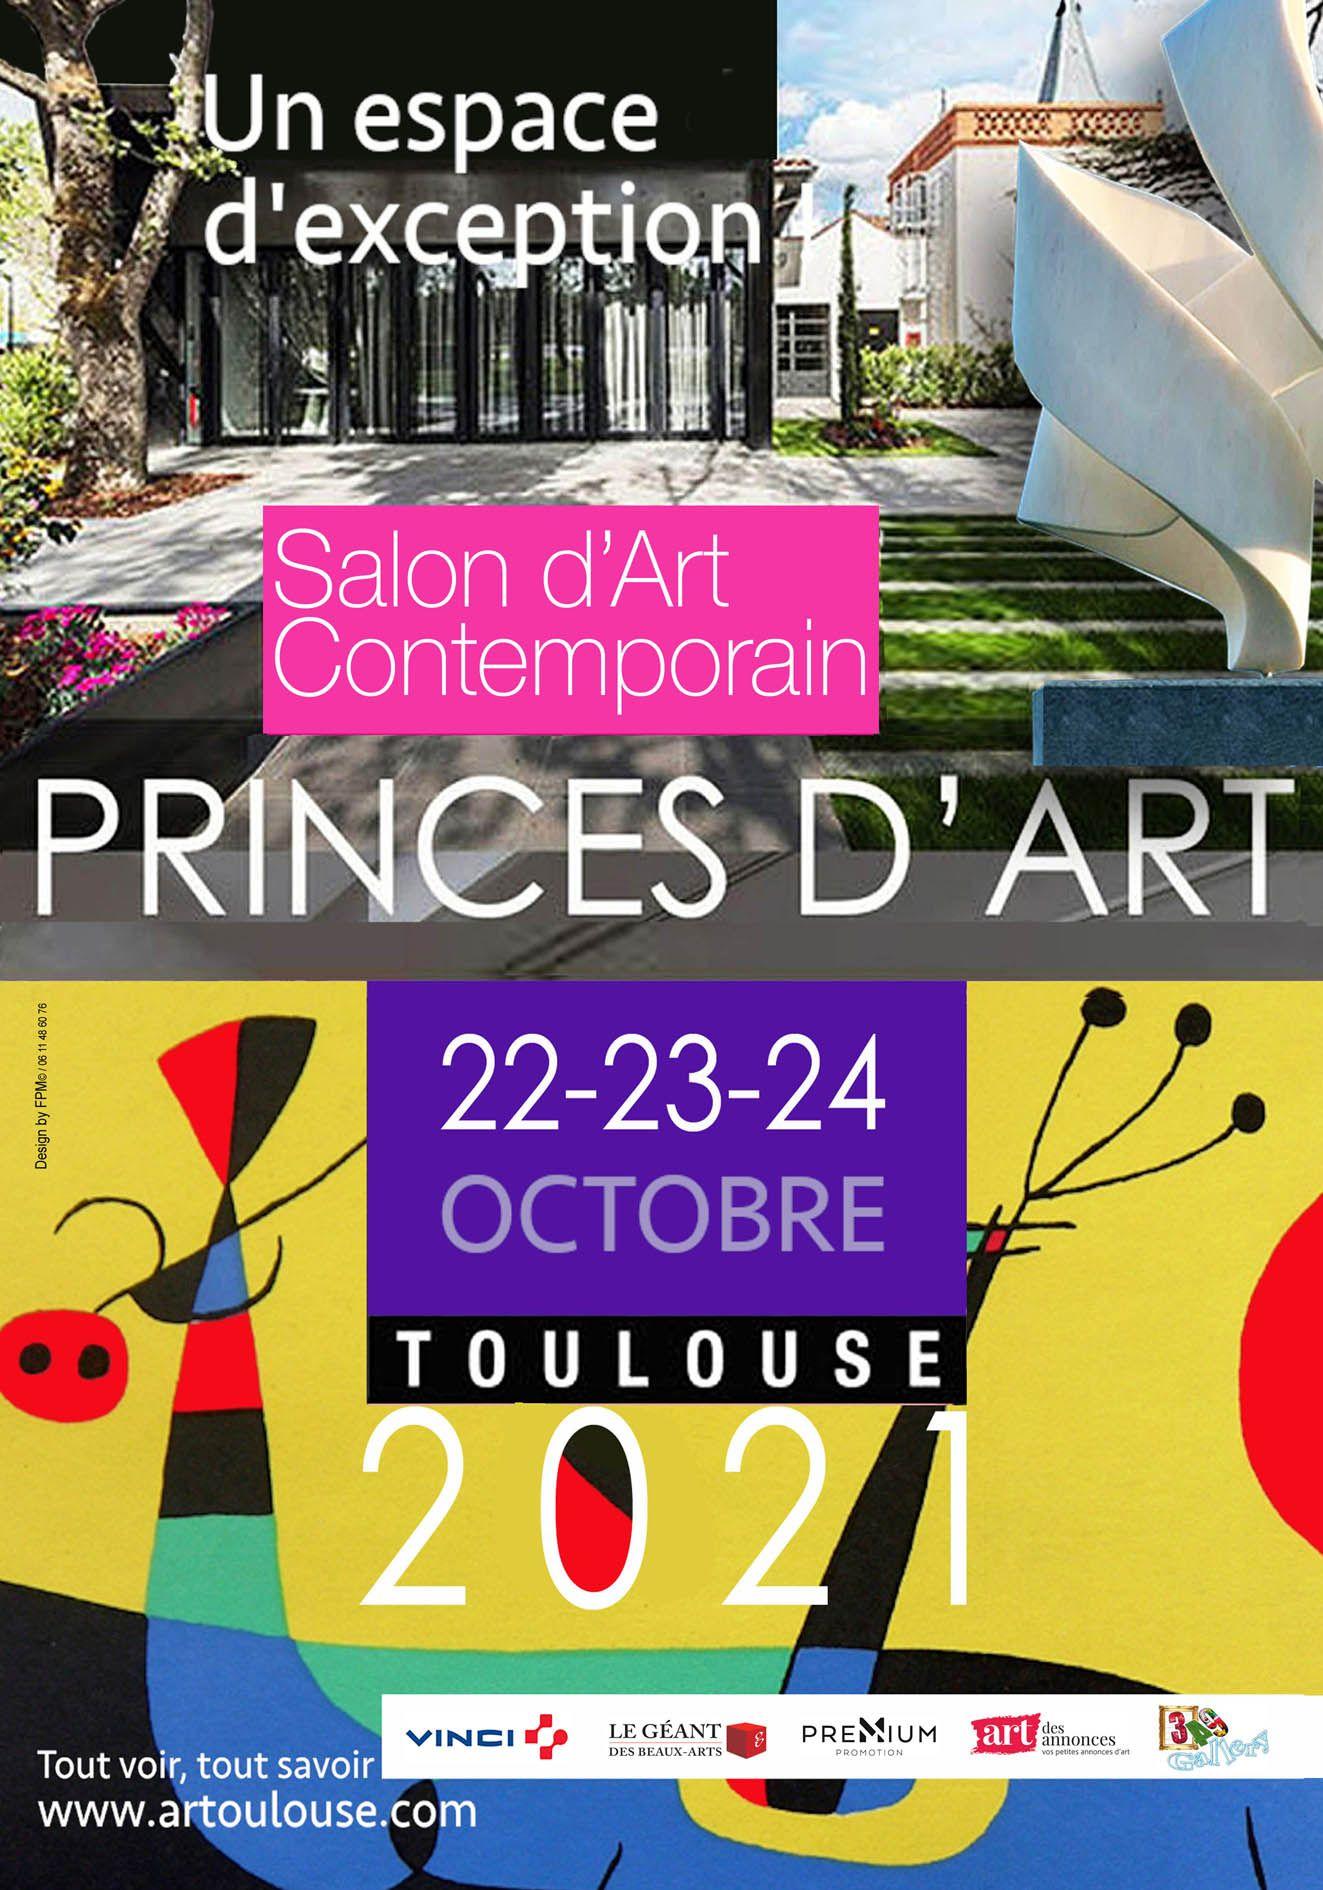 Princes d'Art 2021